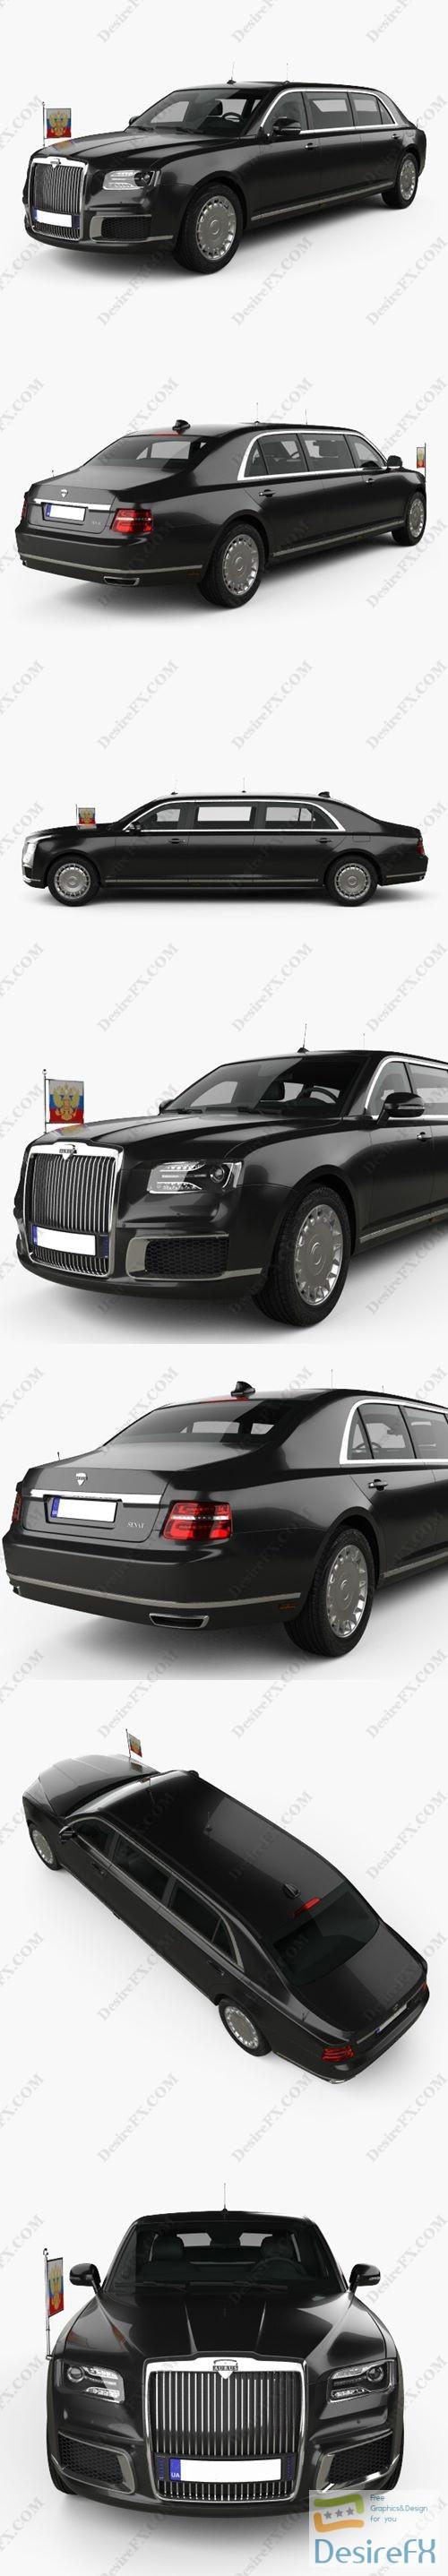 Aurus Senat Presidential Limousine 2018 3D Model